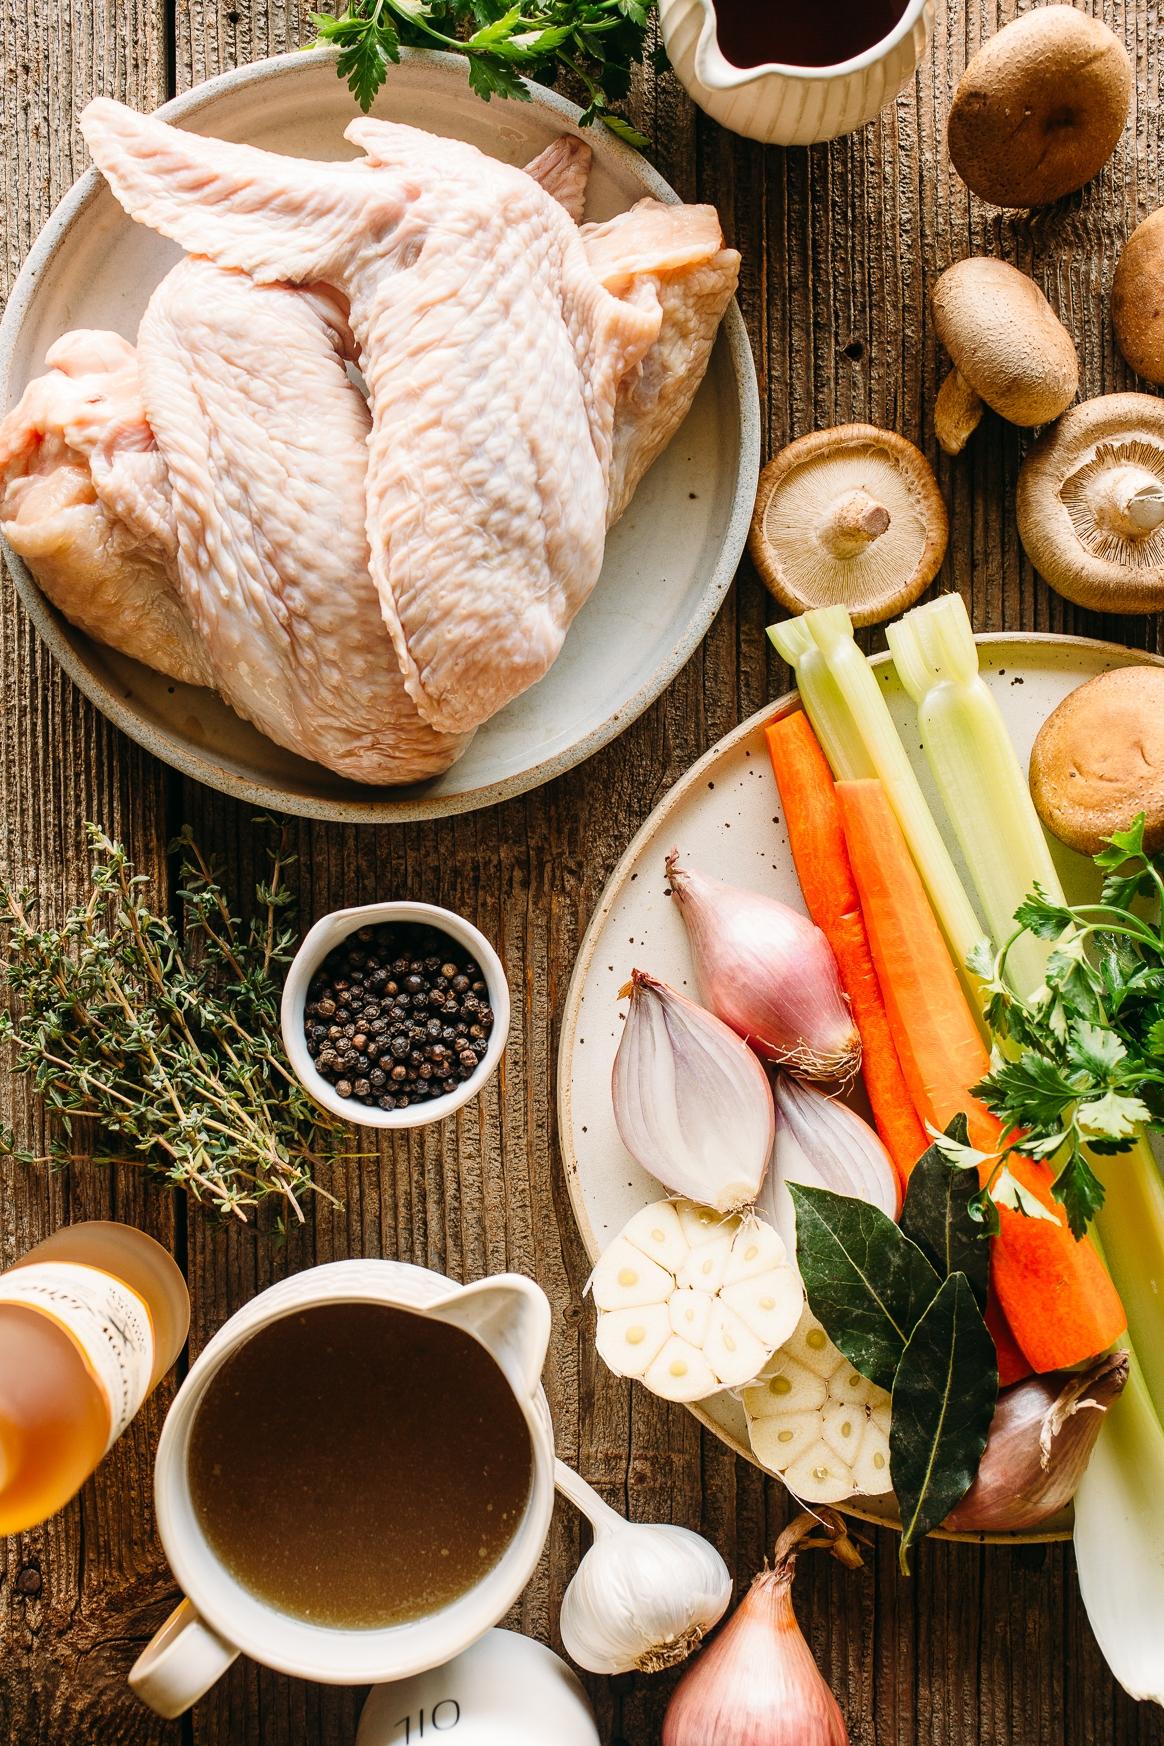 Turkey Gravy Ingredients